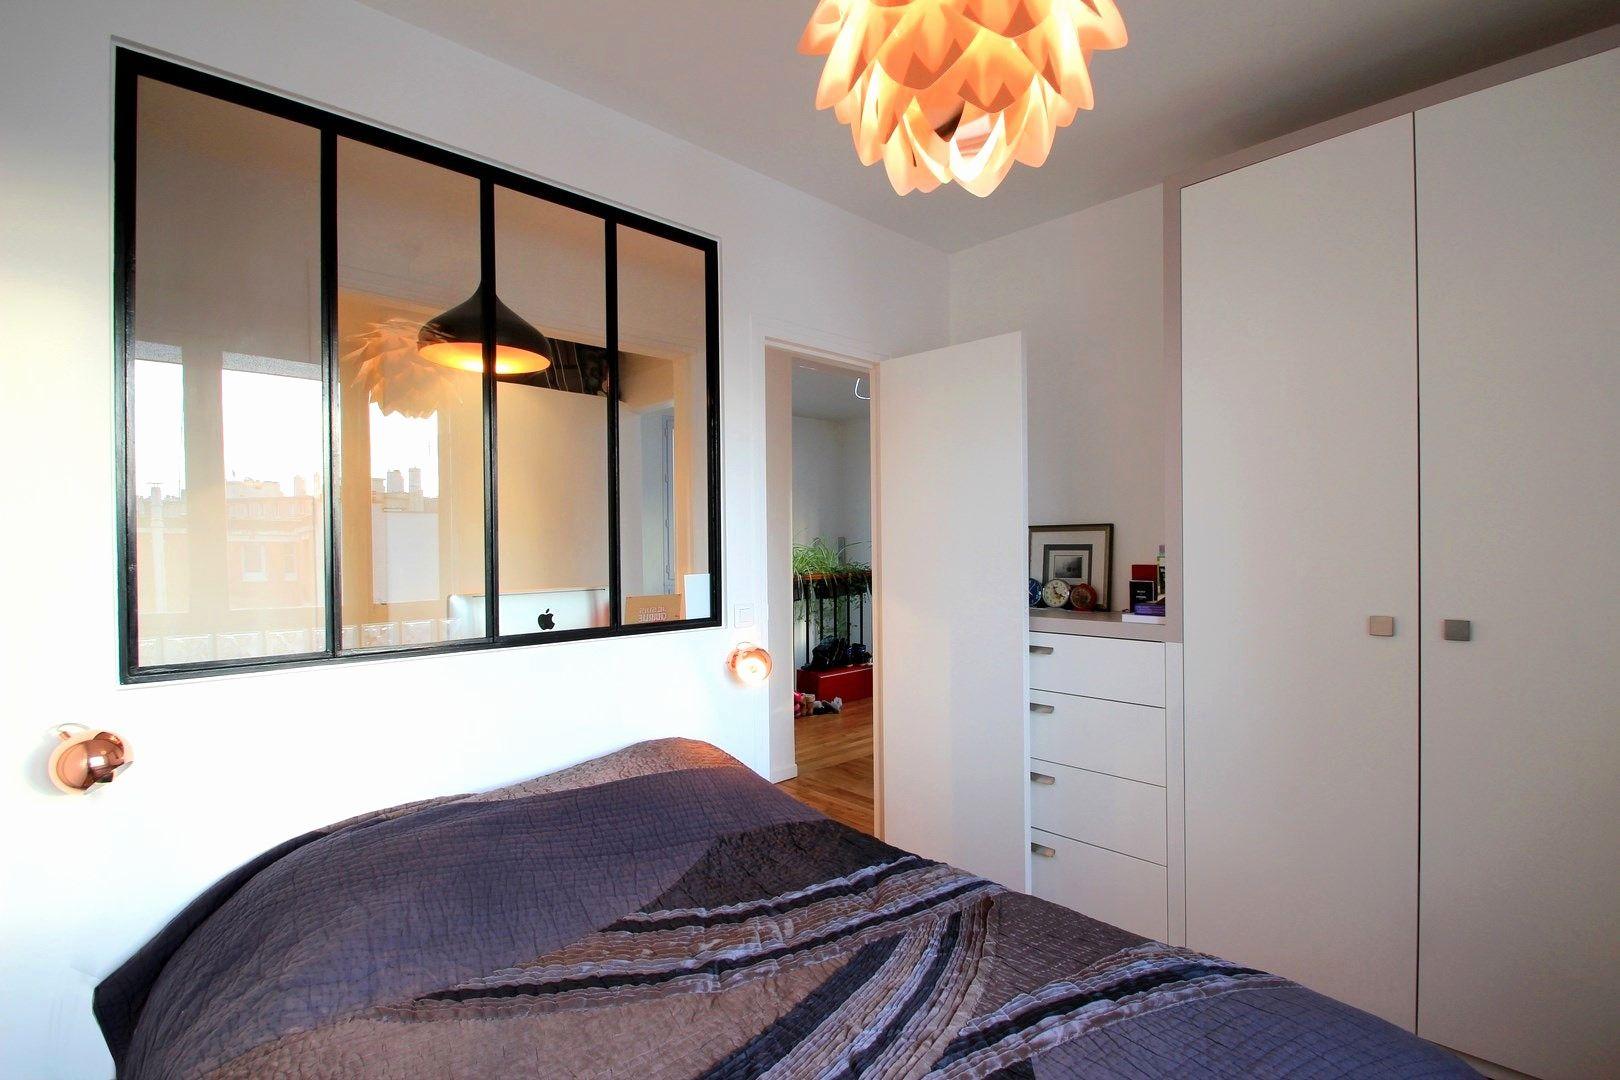 Chambre 10m2 Deco Impressionnant Galerie Suite Parentale 12m2 Luxe